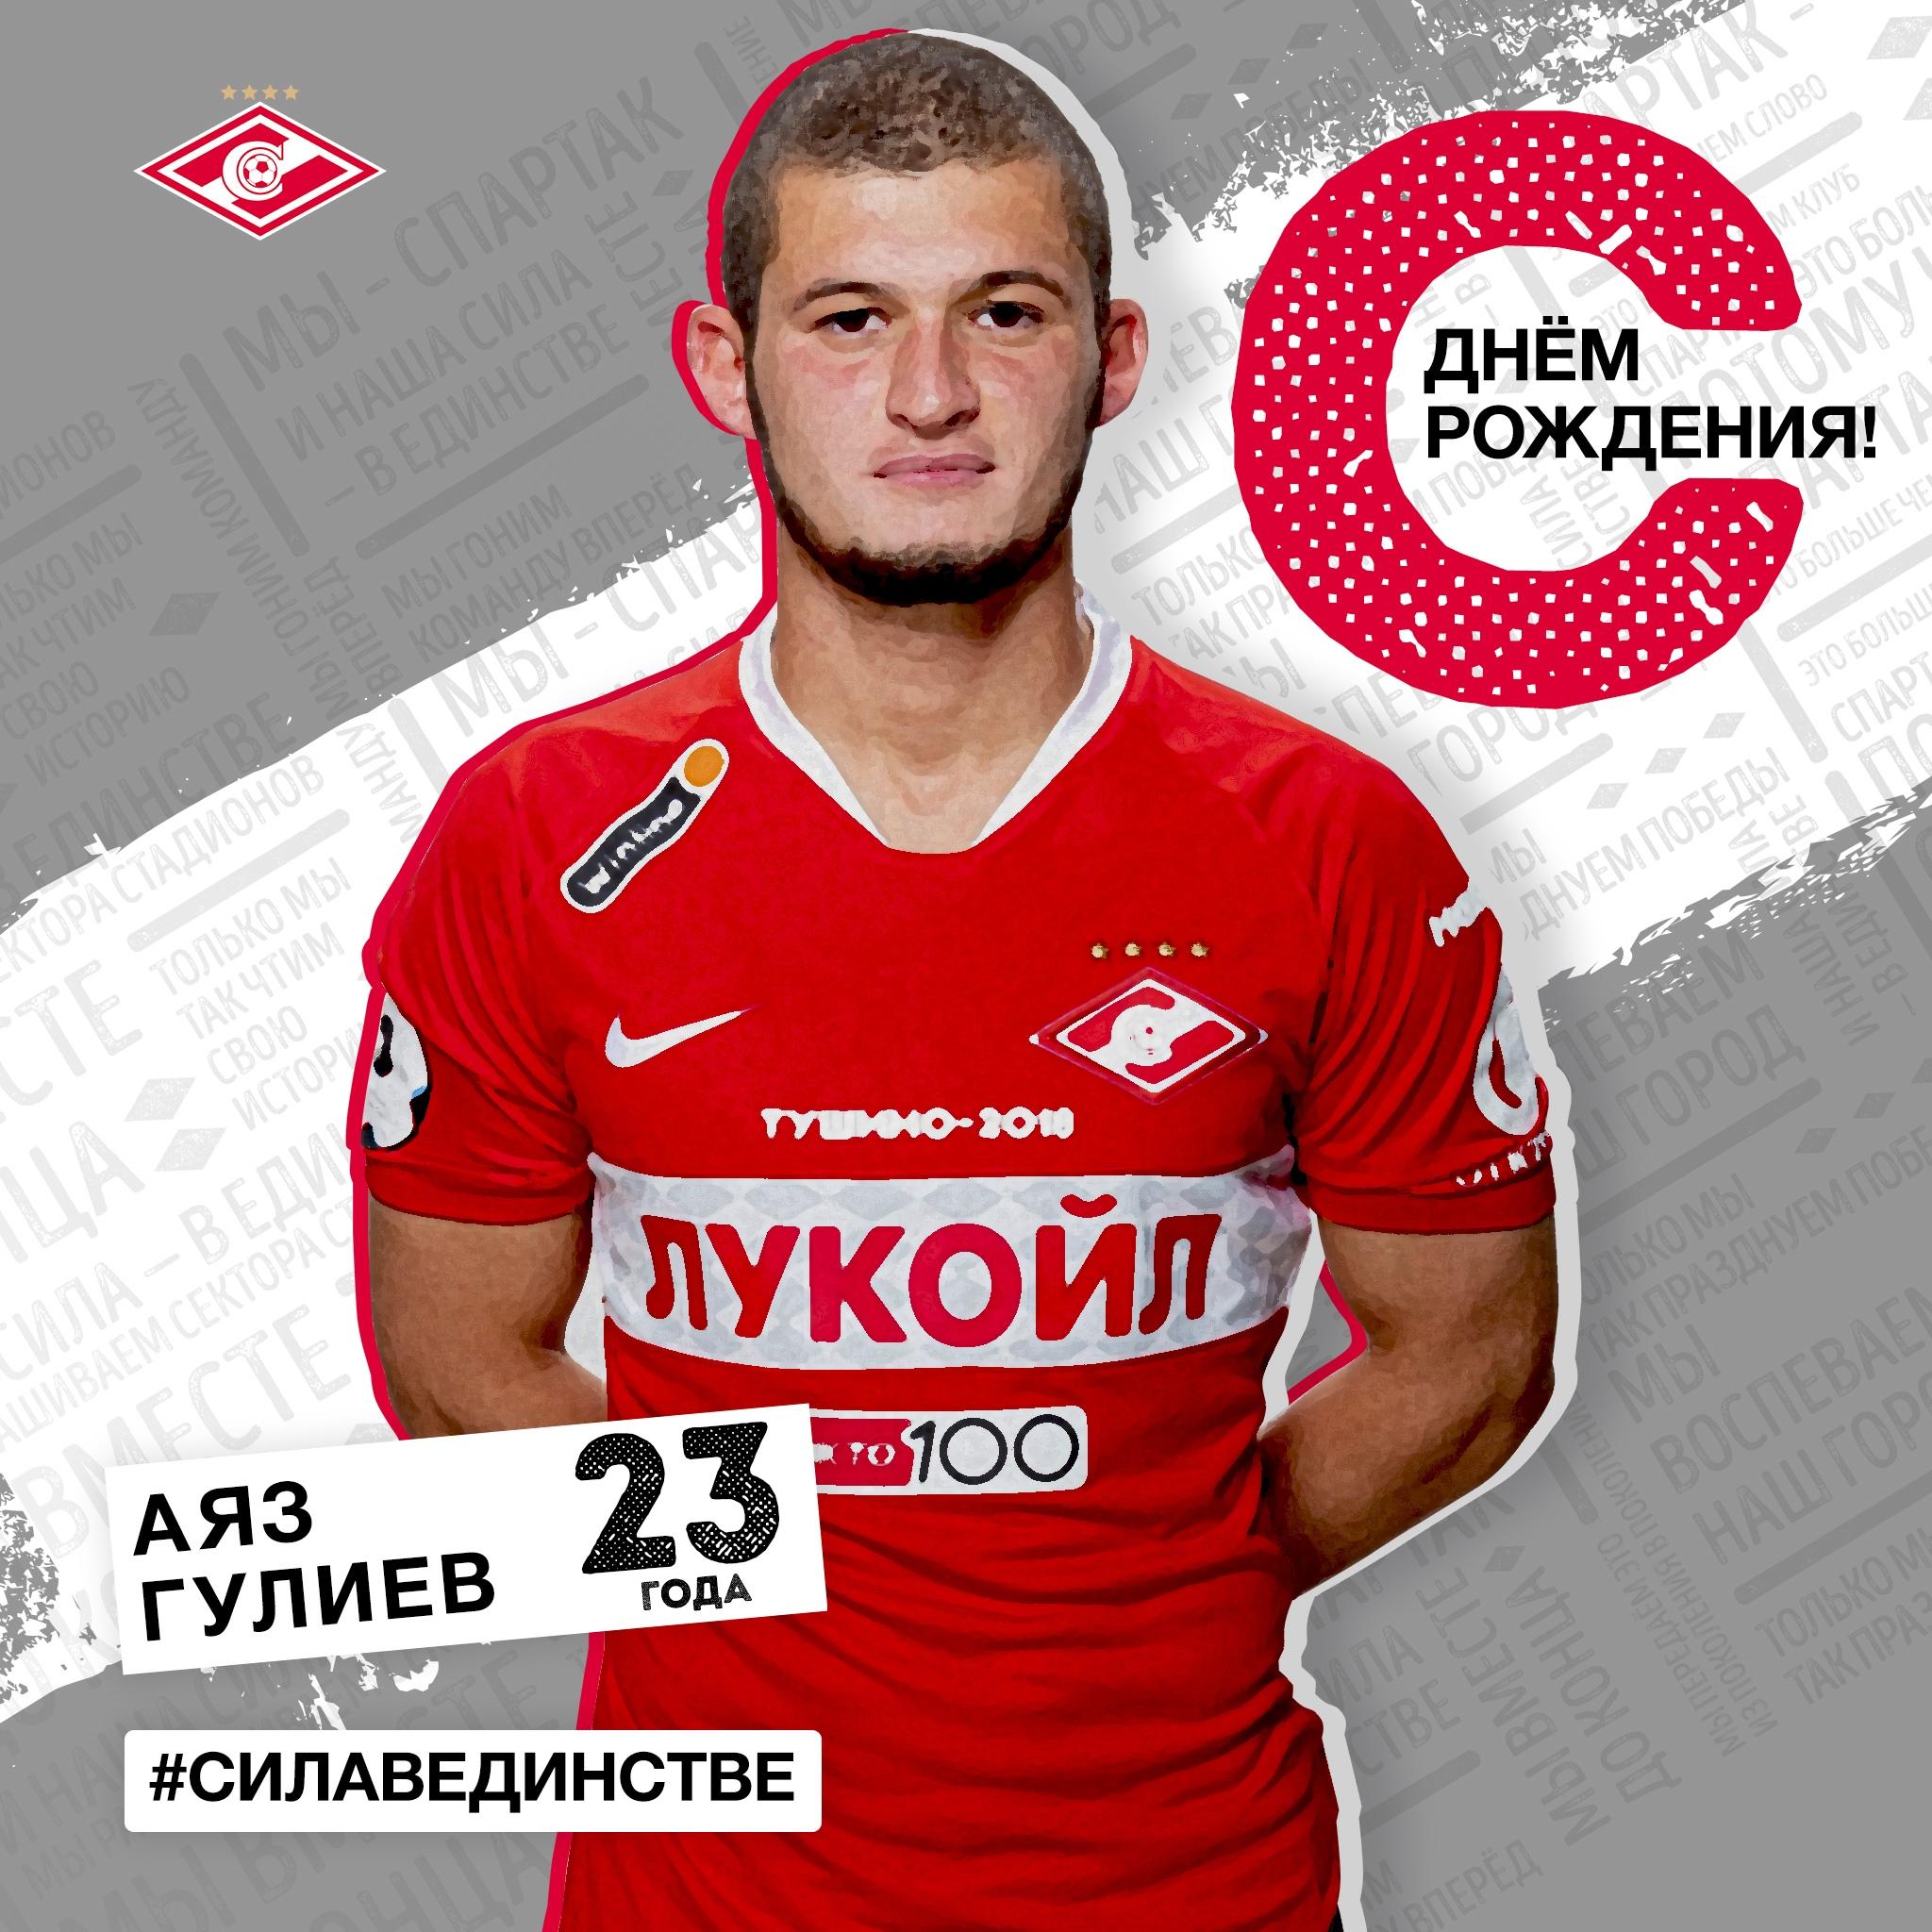 Поздравляем Аяза Гулиева!